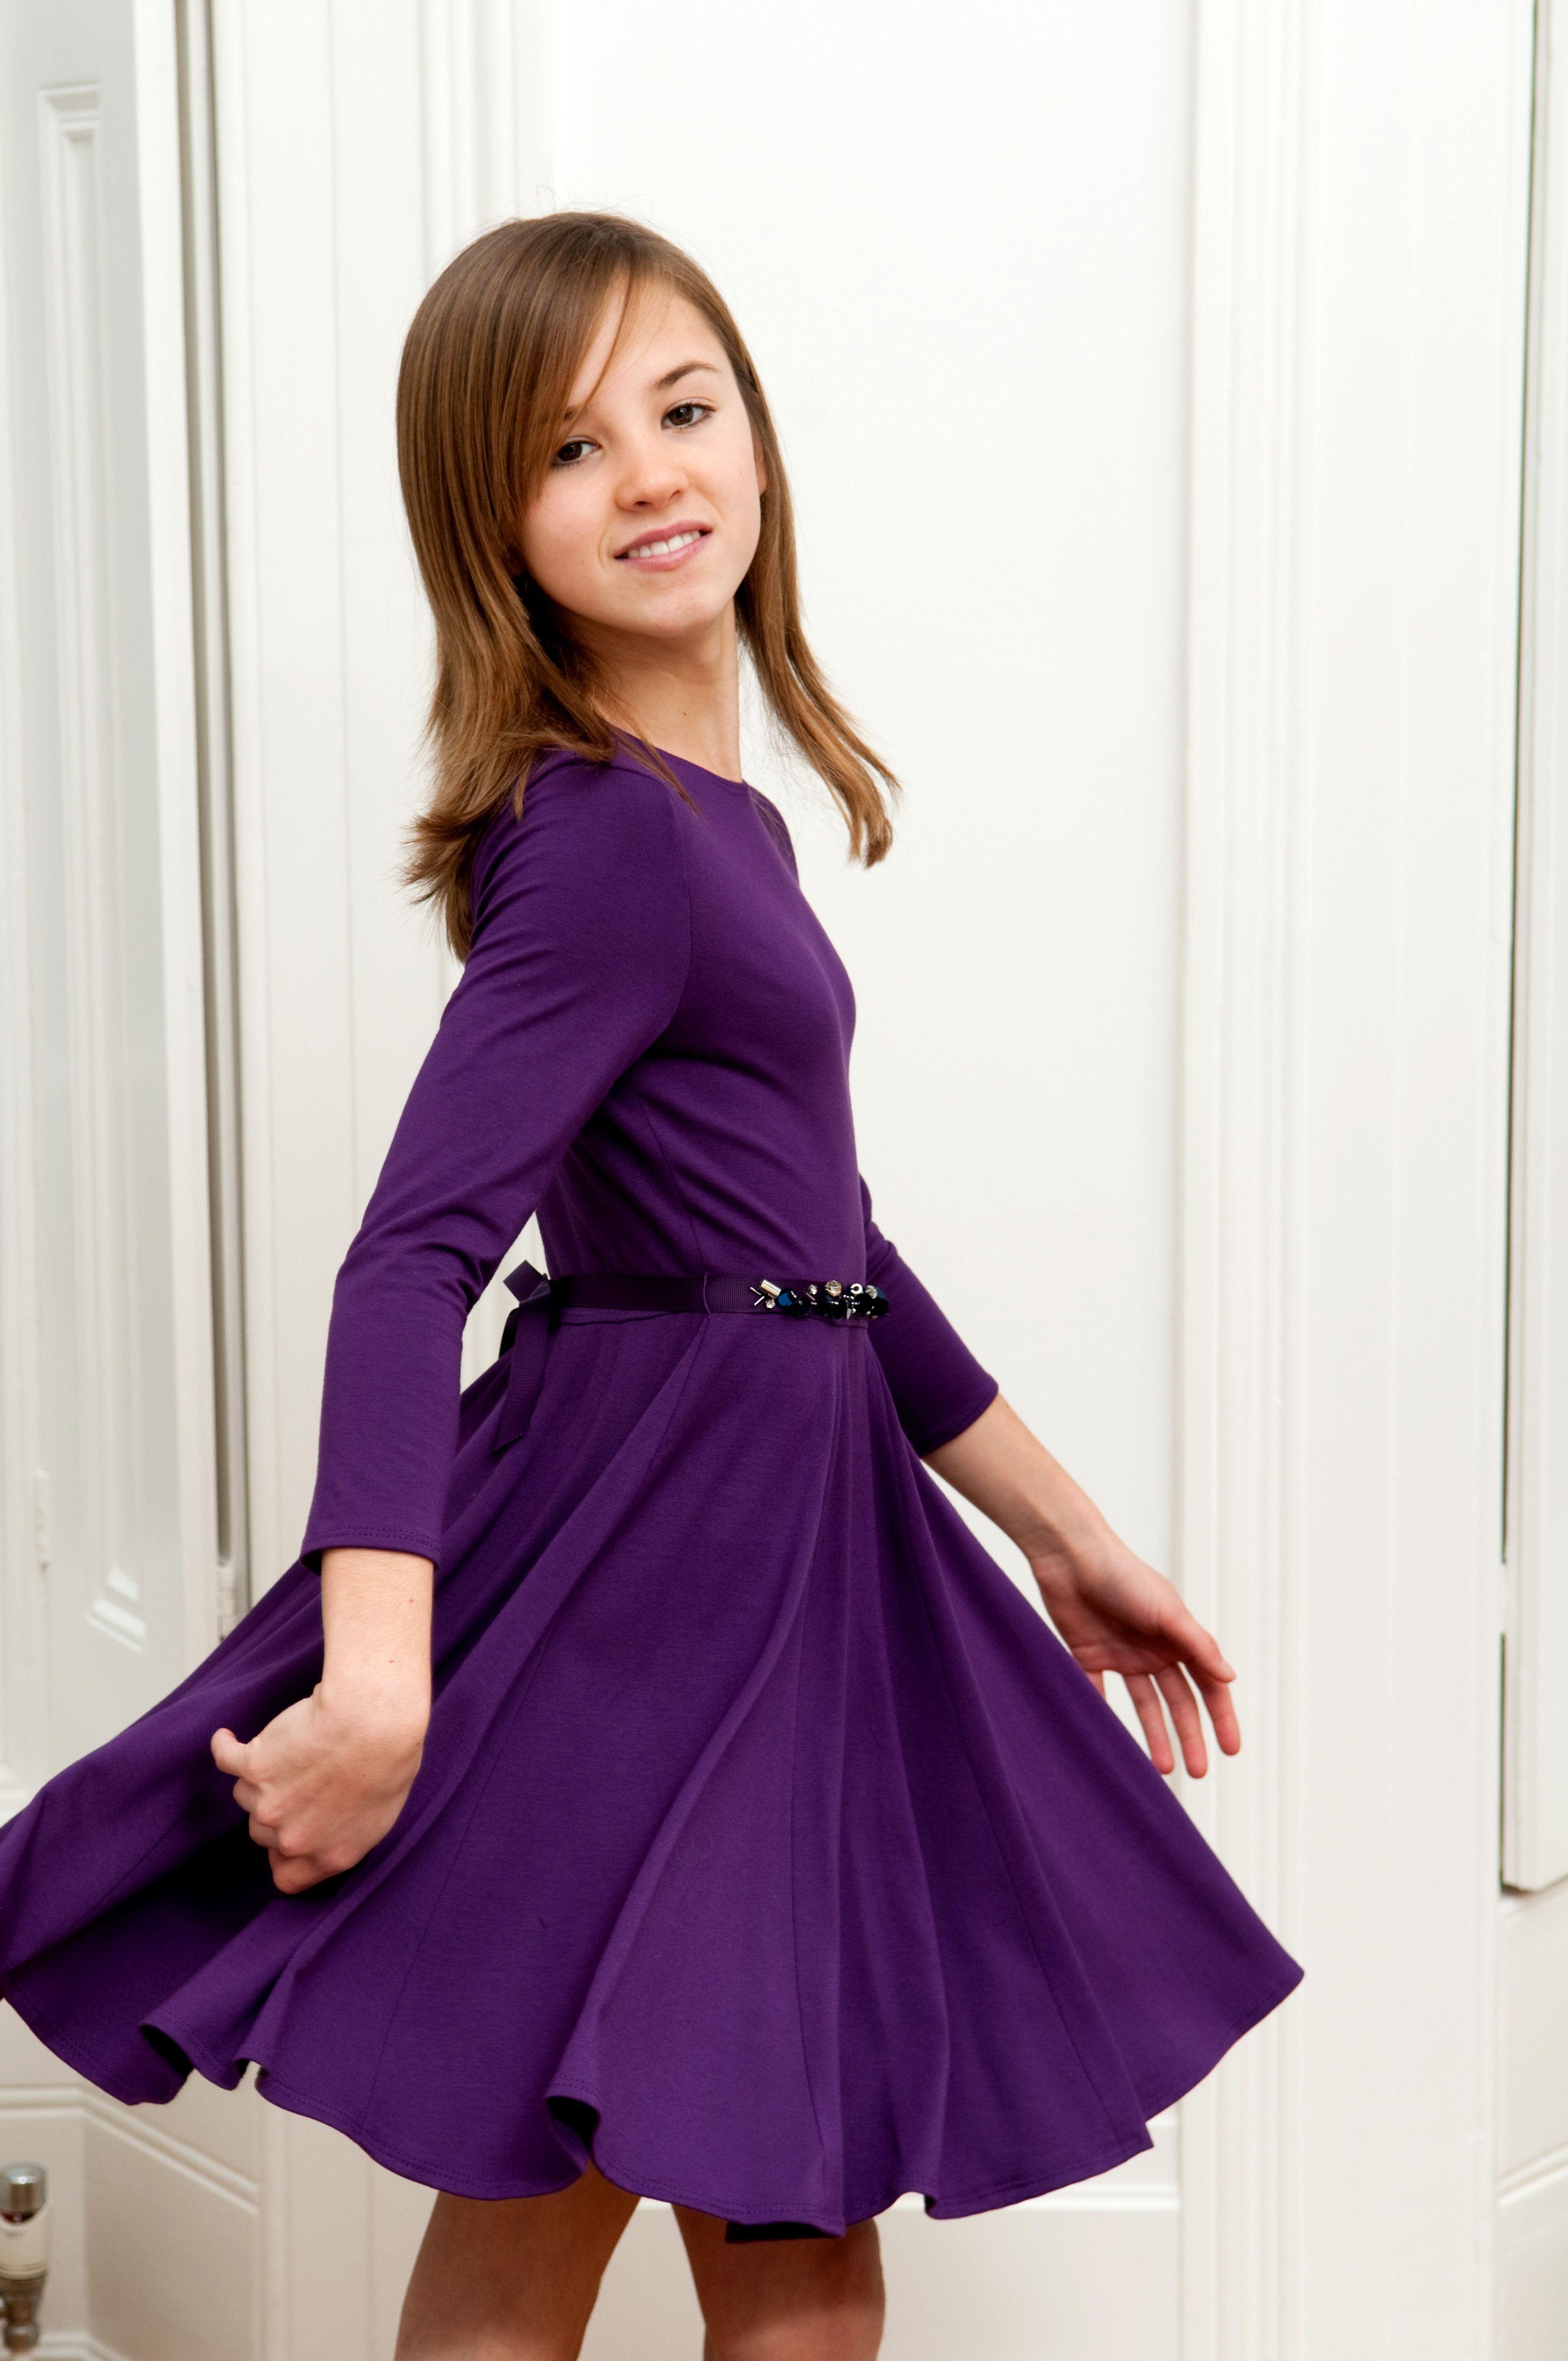 Childrens Designer Dress / Bridesmaid Dress / Flower Girl Dresses ...